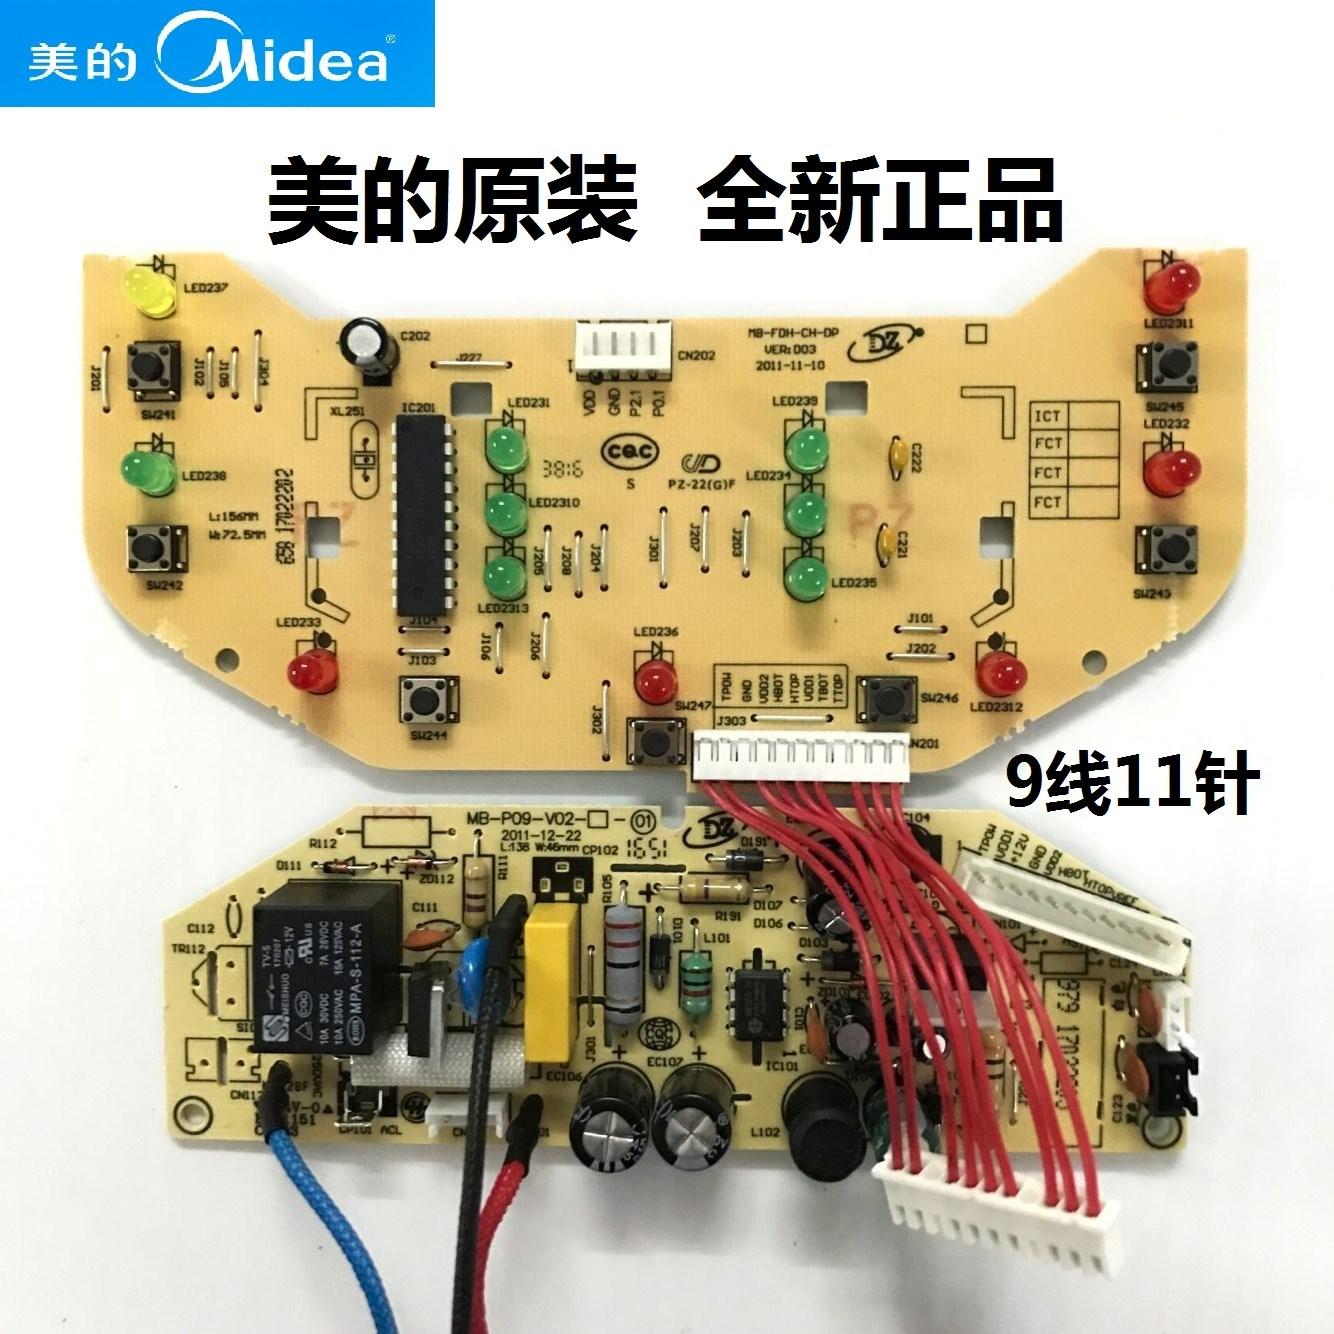 美的电饭煲配件MB-FDH-CH-DP显示板FD402/FD502控制板主板一套